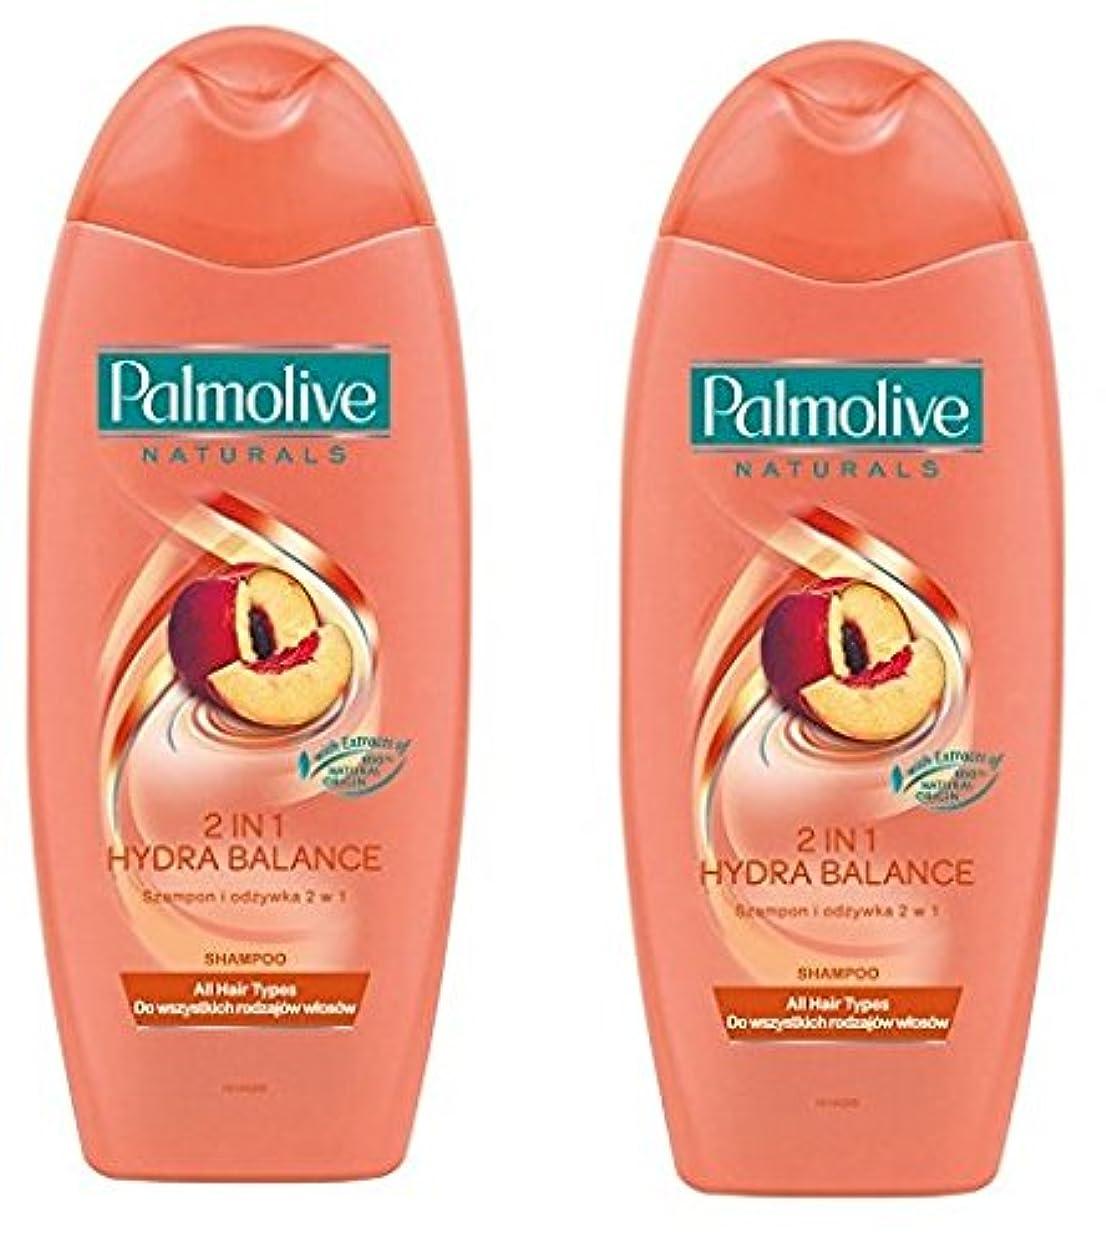 スリチンモイコンパクト維持Palmolive Naturals Shampoo & Conditioner パルモティブシャンプーWコンディショナー ハイドロバランス 350ml 2個 [並行輸入品]